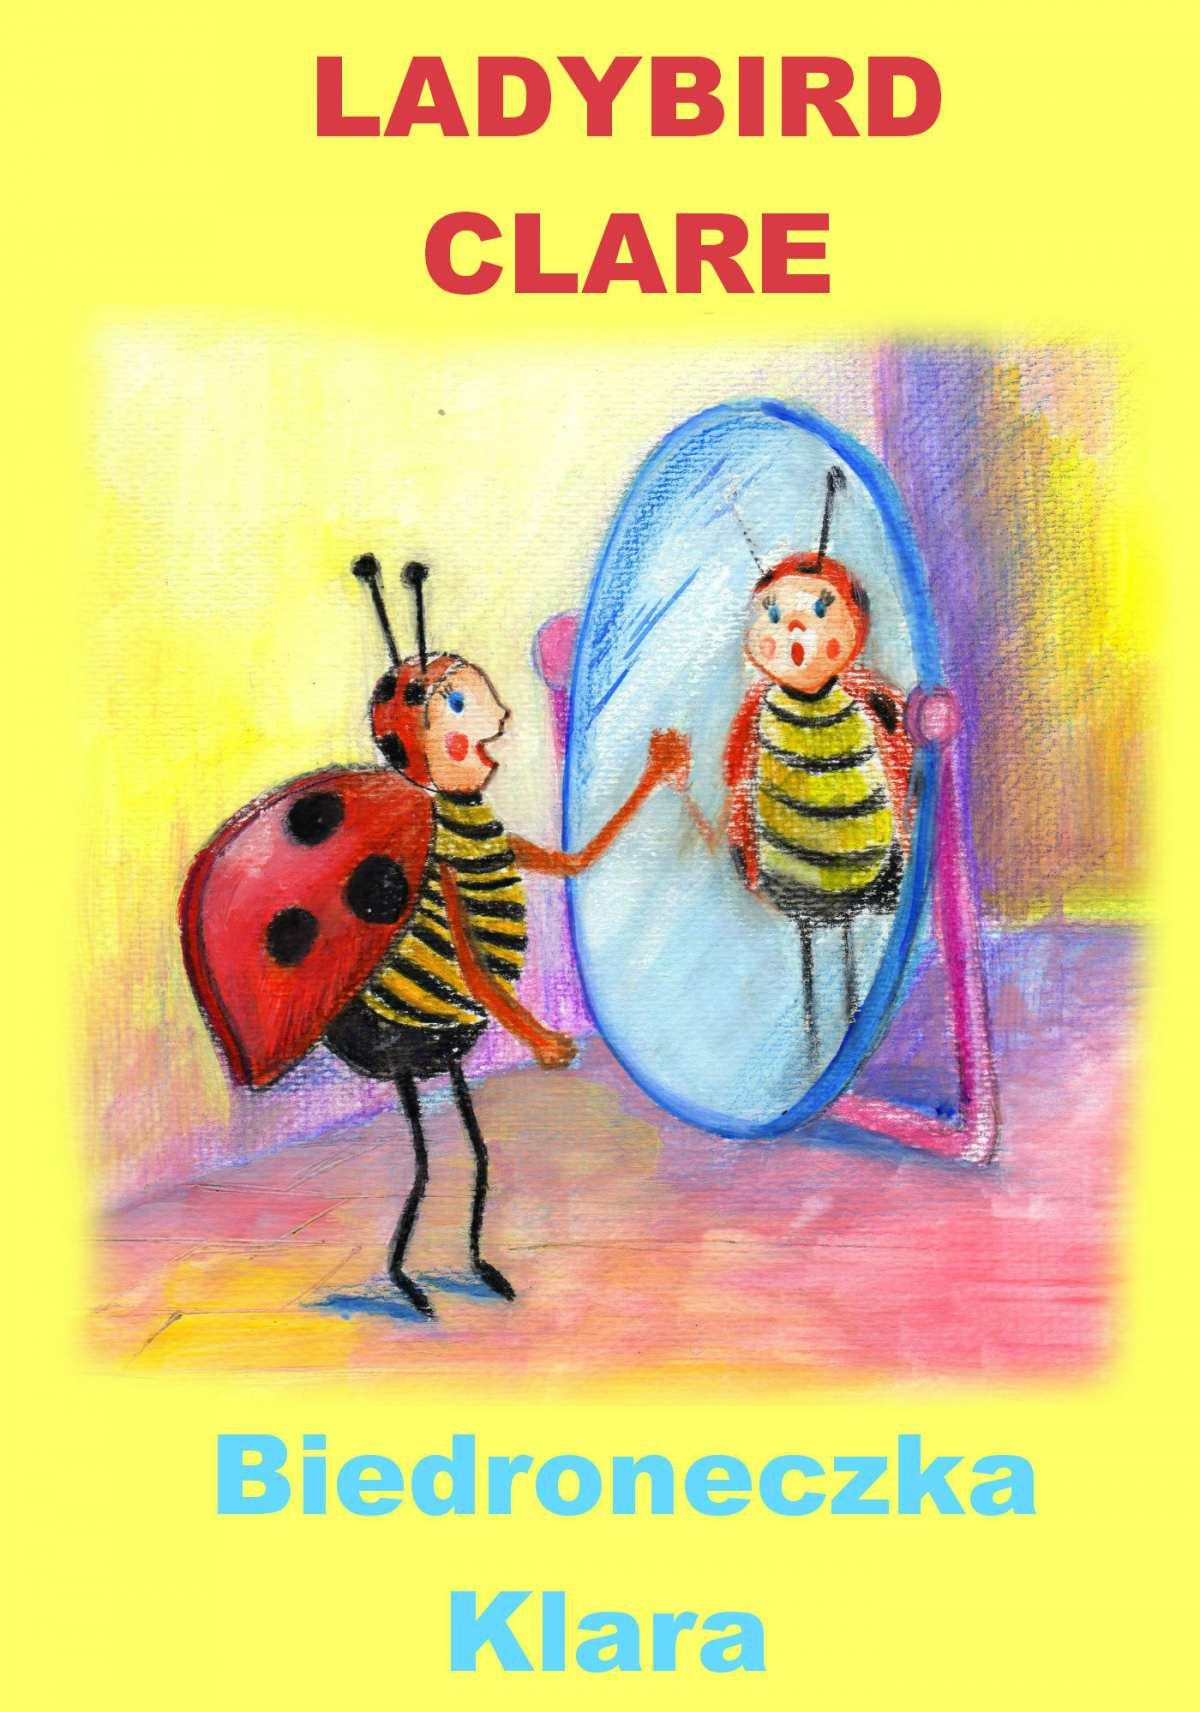 Angielski dla dzieci - bajka dwujęzyczna z ćwiczeniami. Ladybird Clare + Biedroneczka Klara - Ebook (Książka PDF) do pobrania w formacie PDF